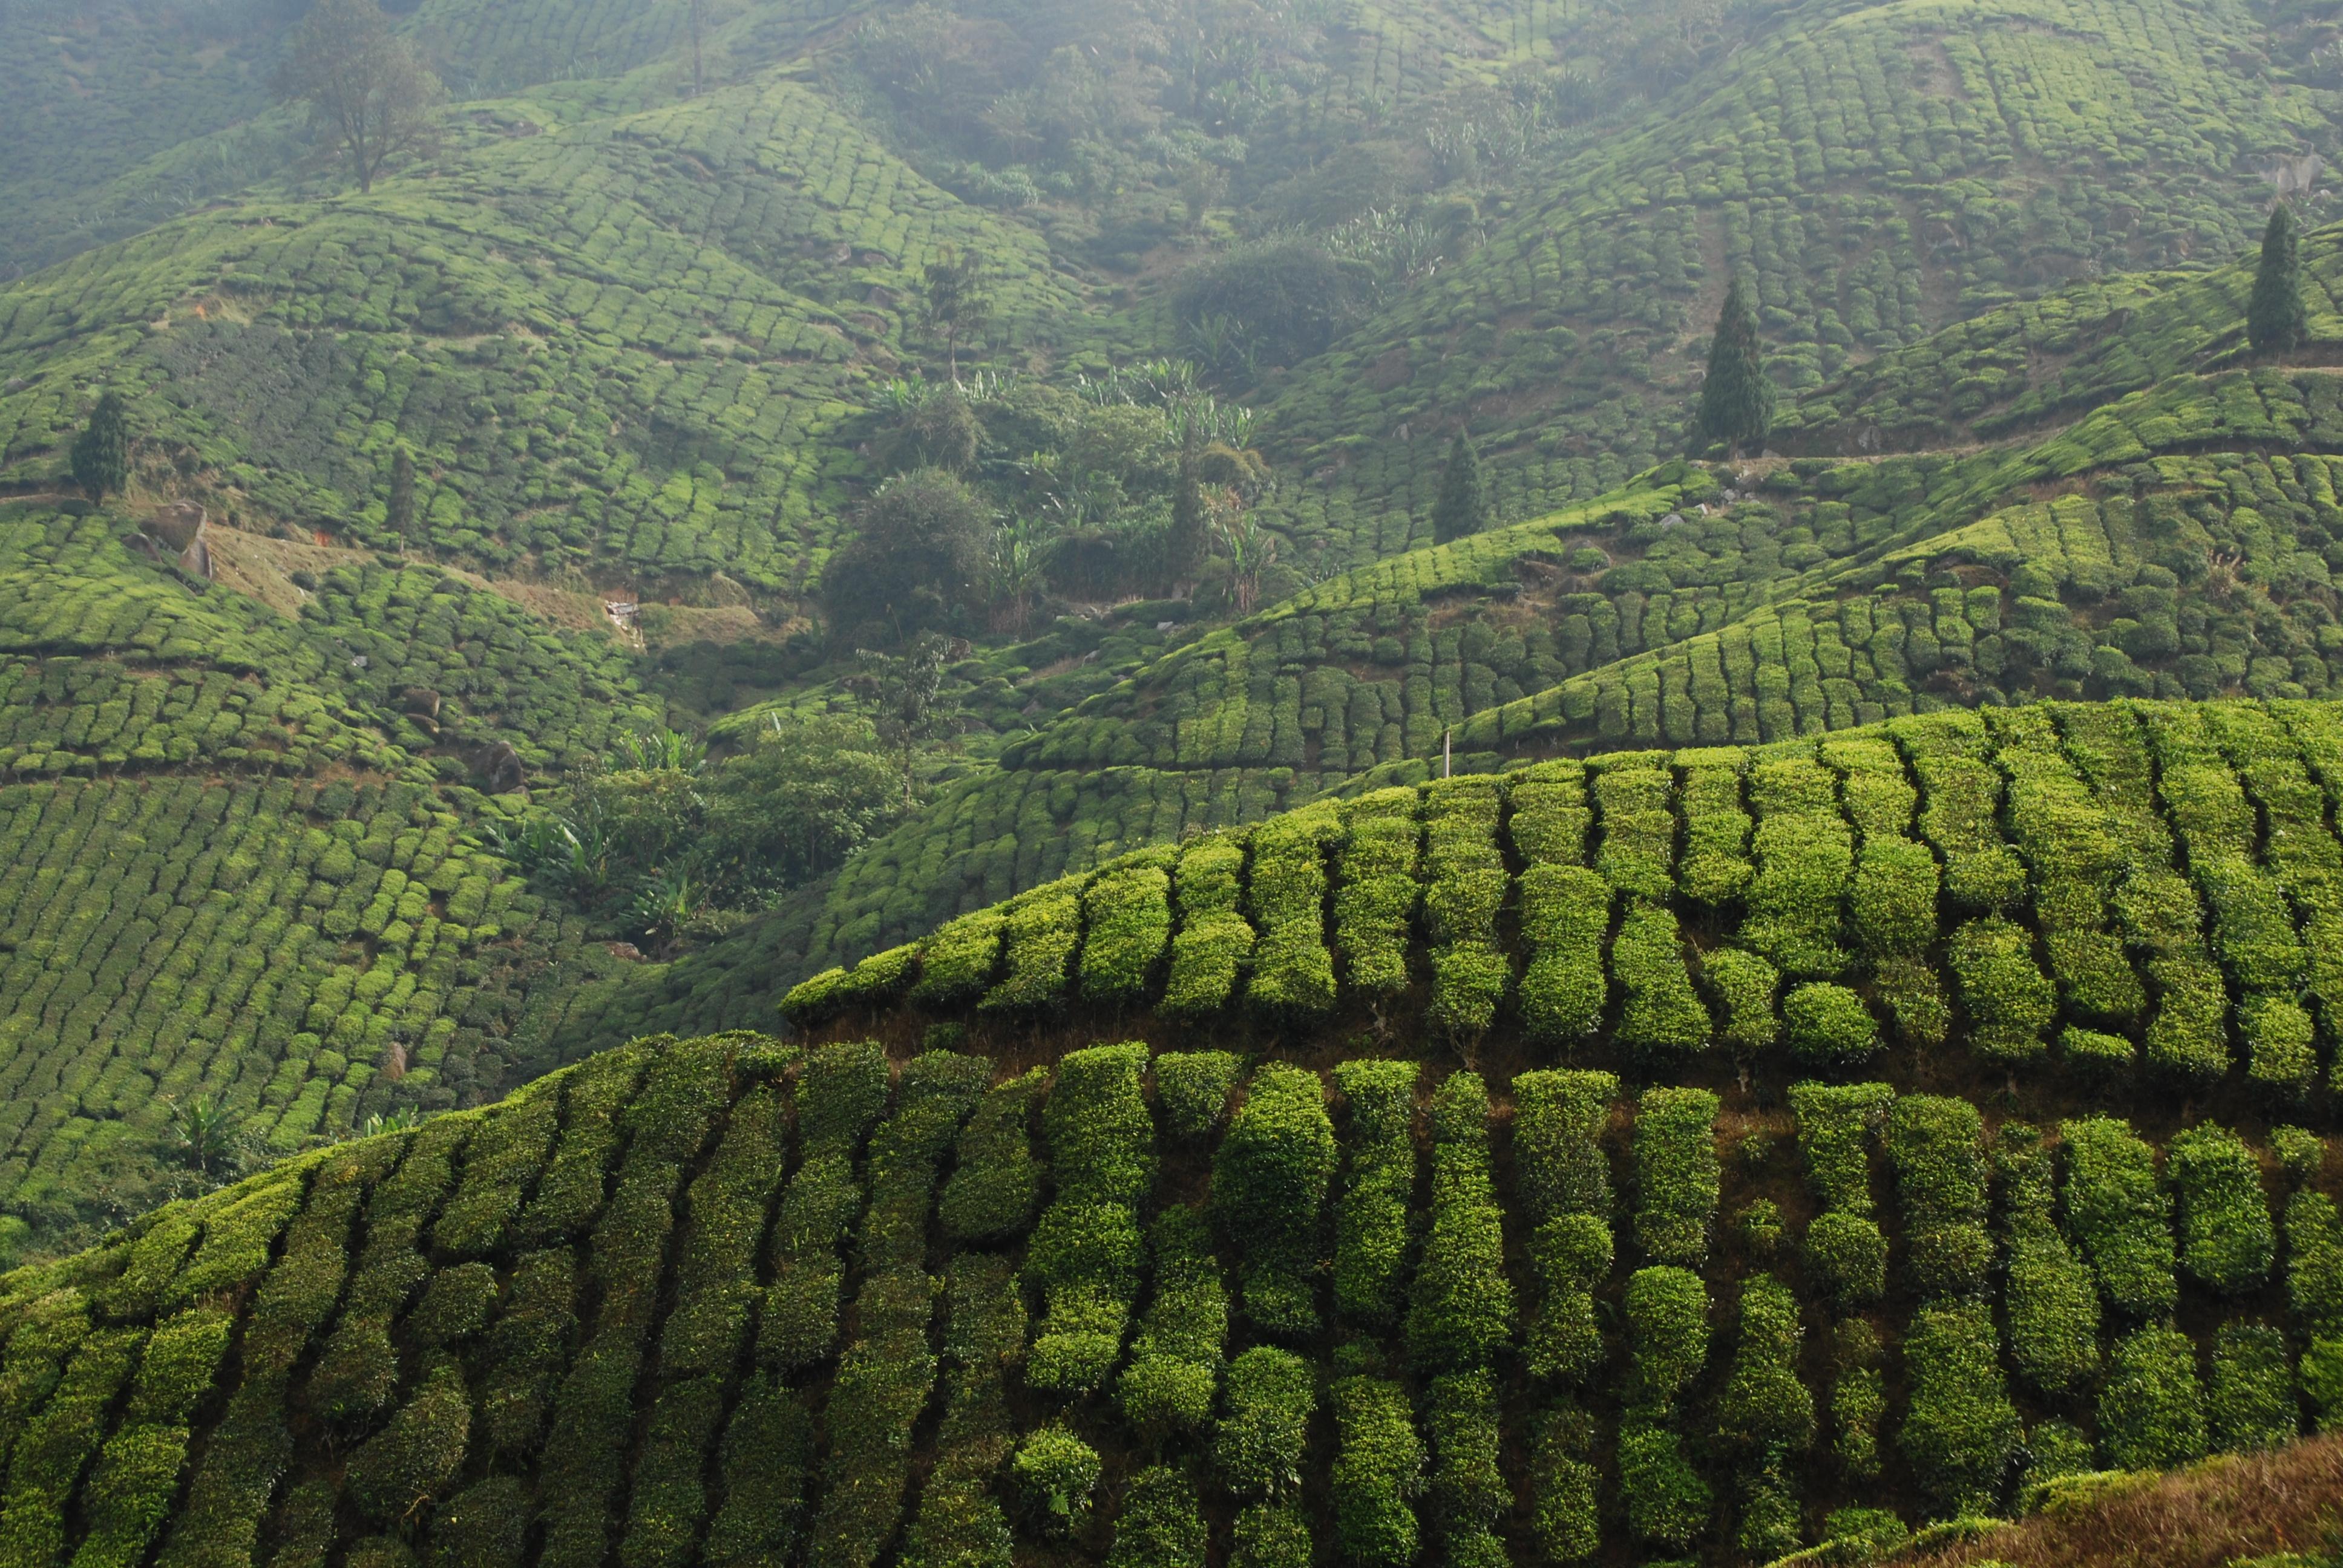 Ceylon tea estates